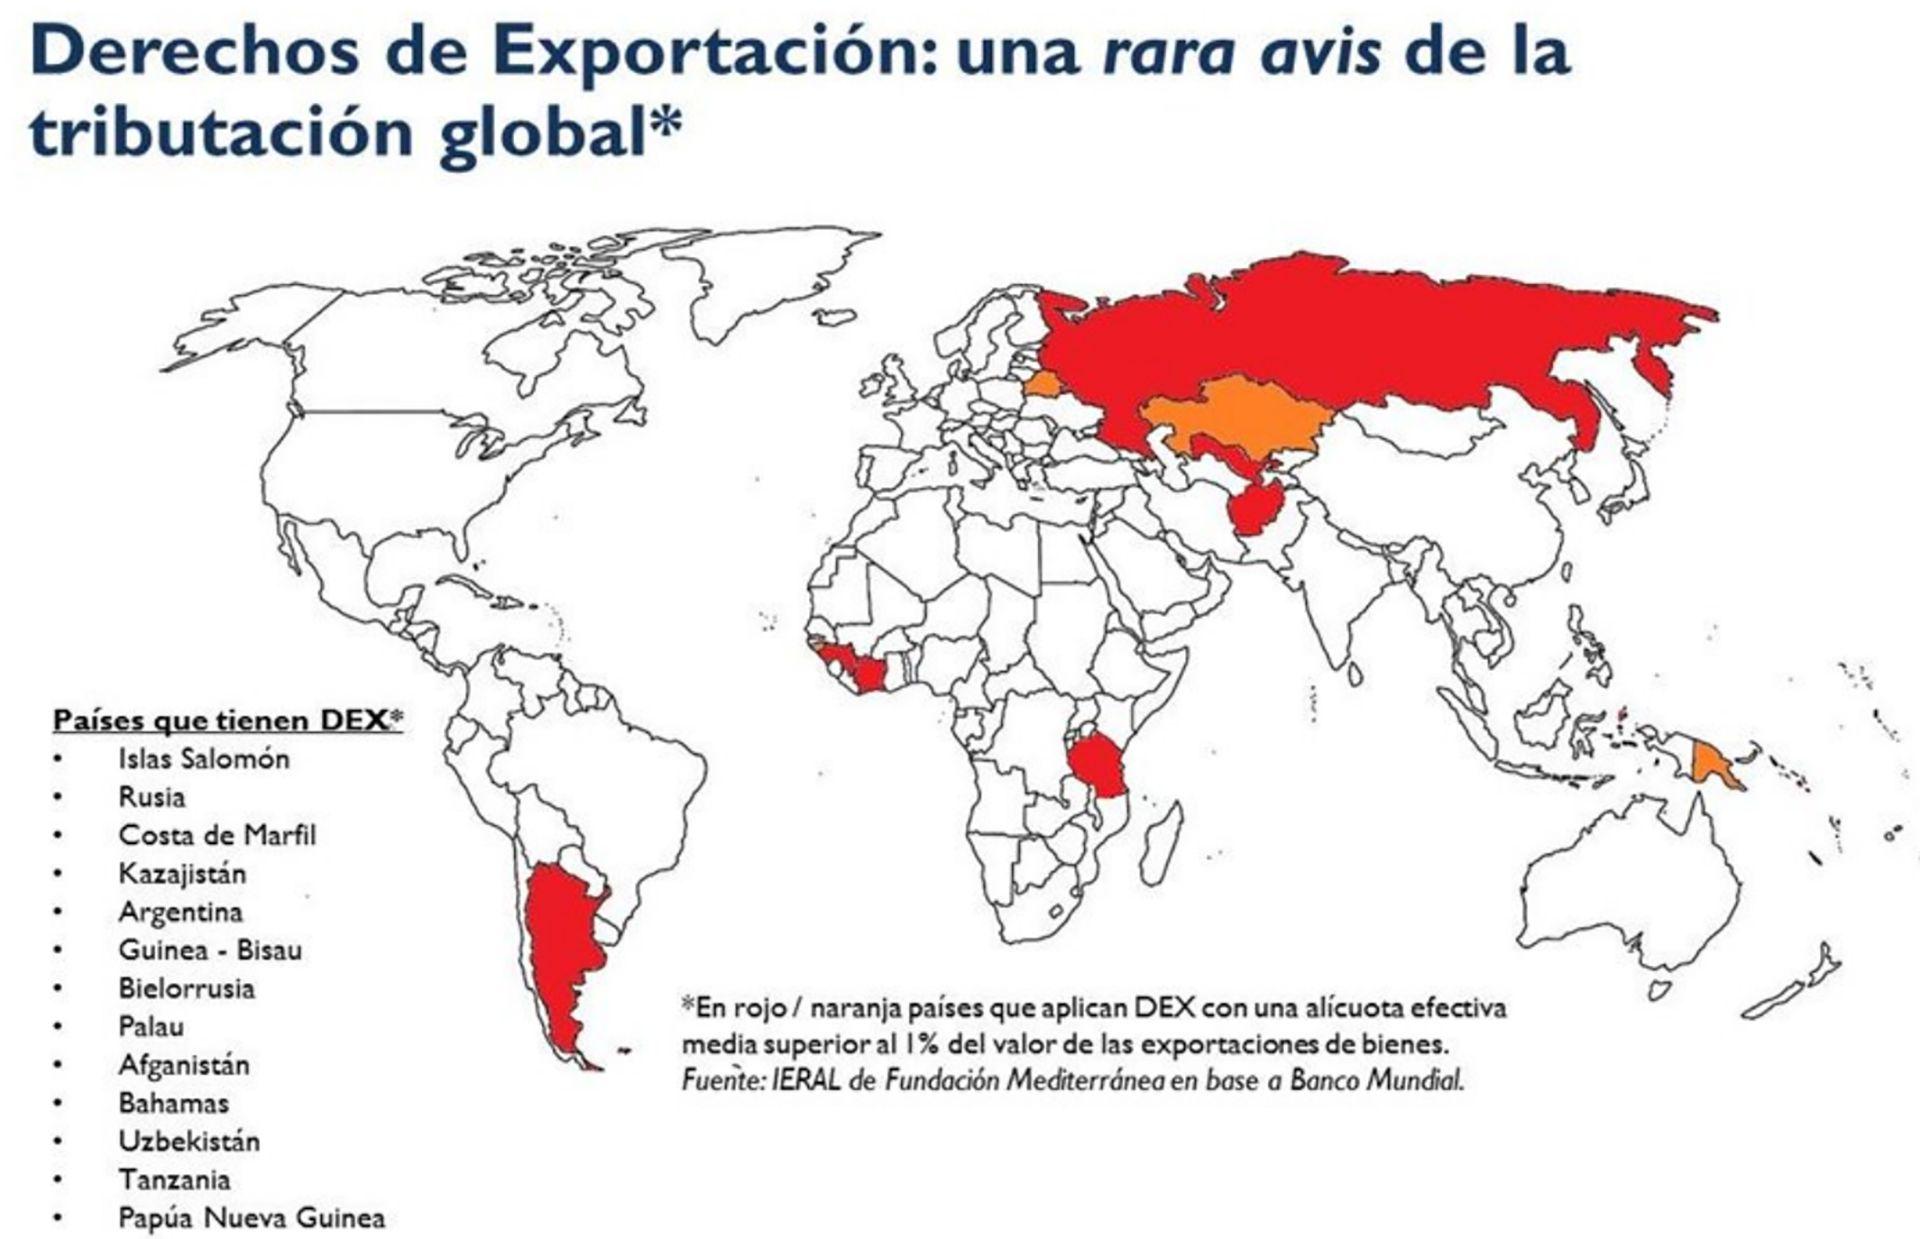 El mapa ilustra la excepcionalidad de los impuestos a la exportación en el mundo. Casi tan excepcional como la inflación argentina